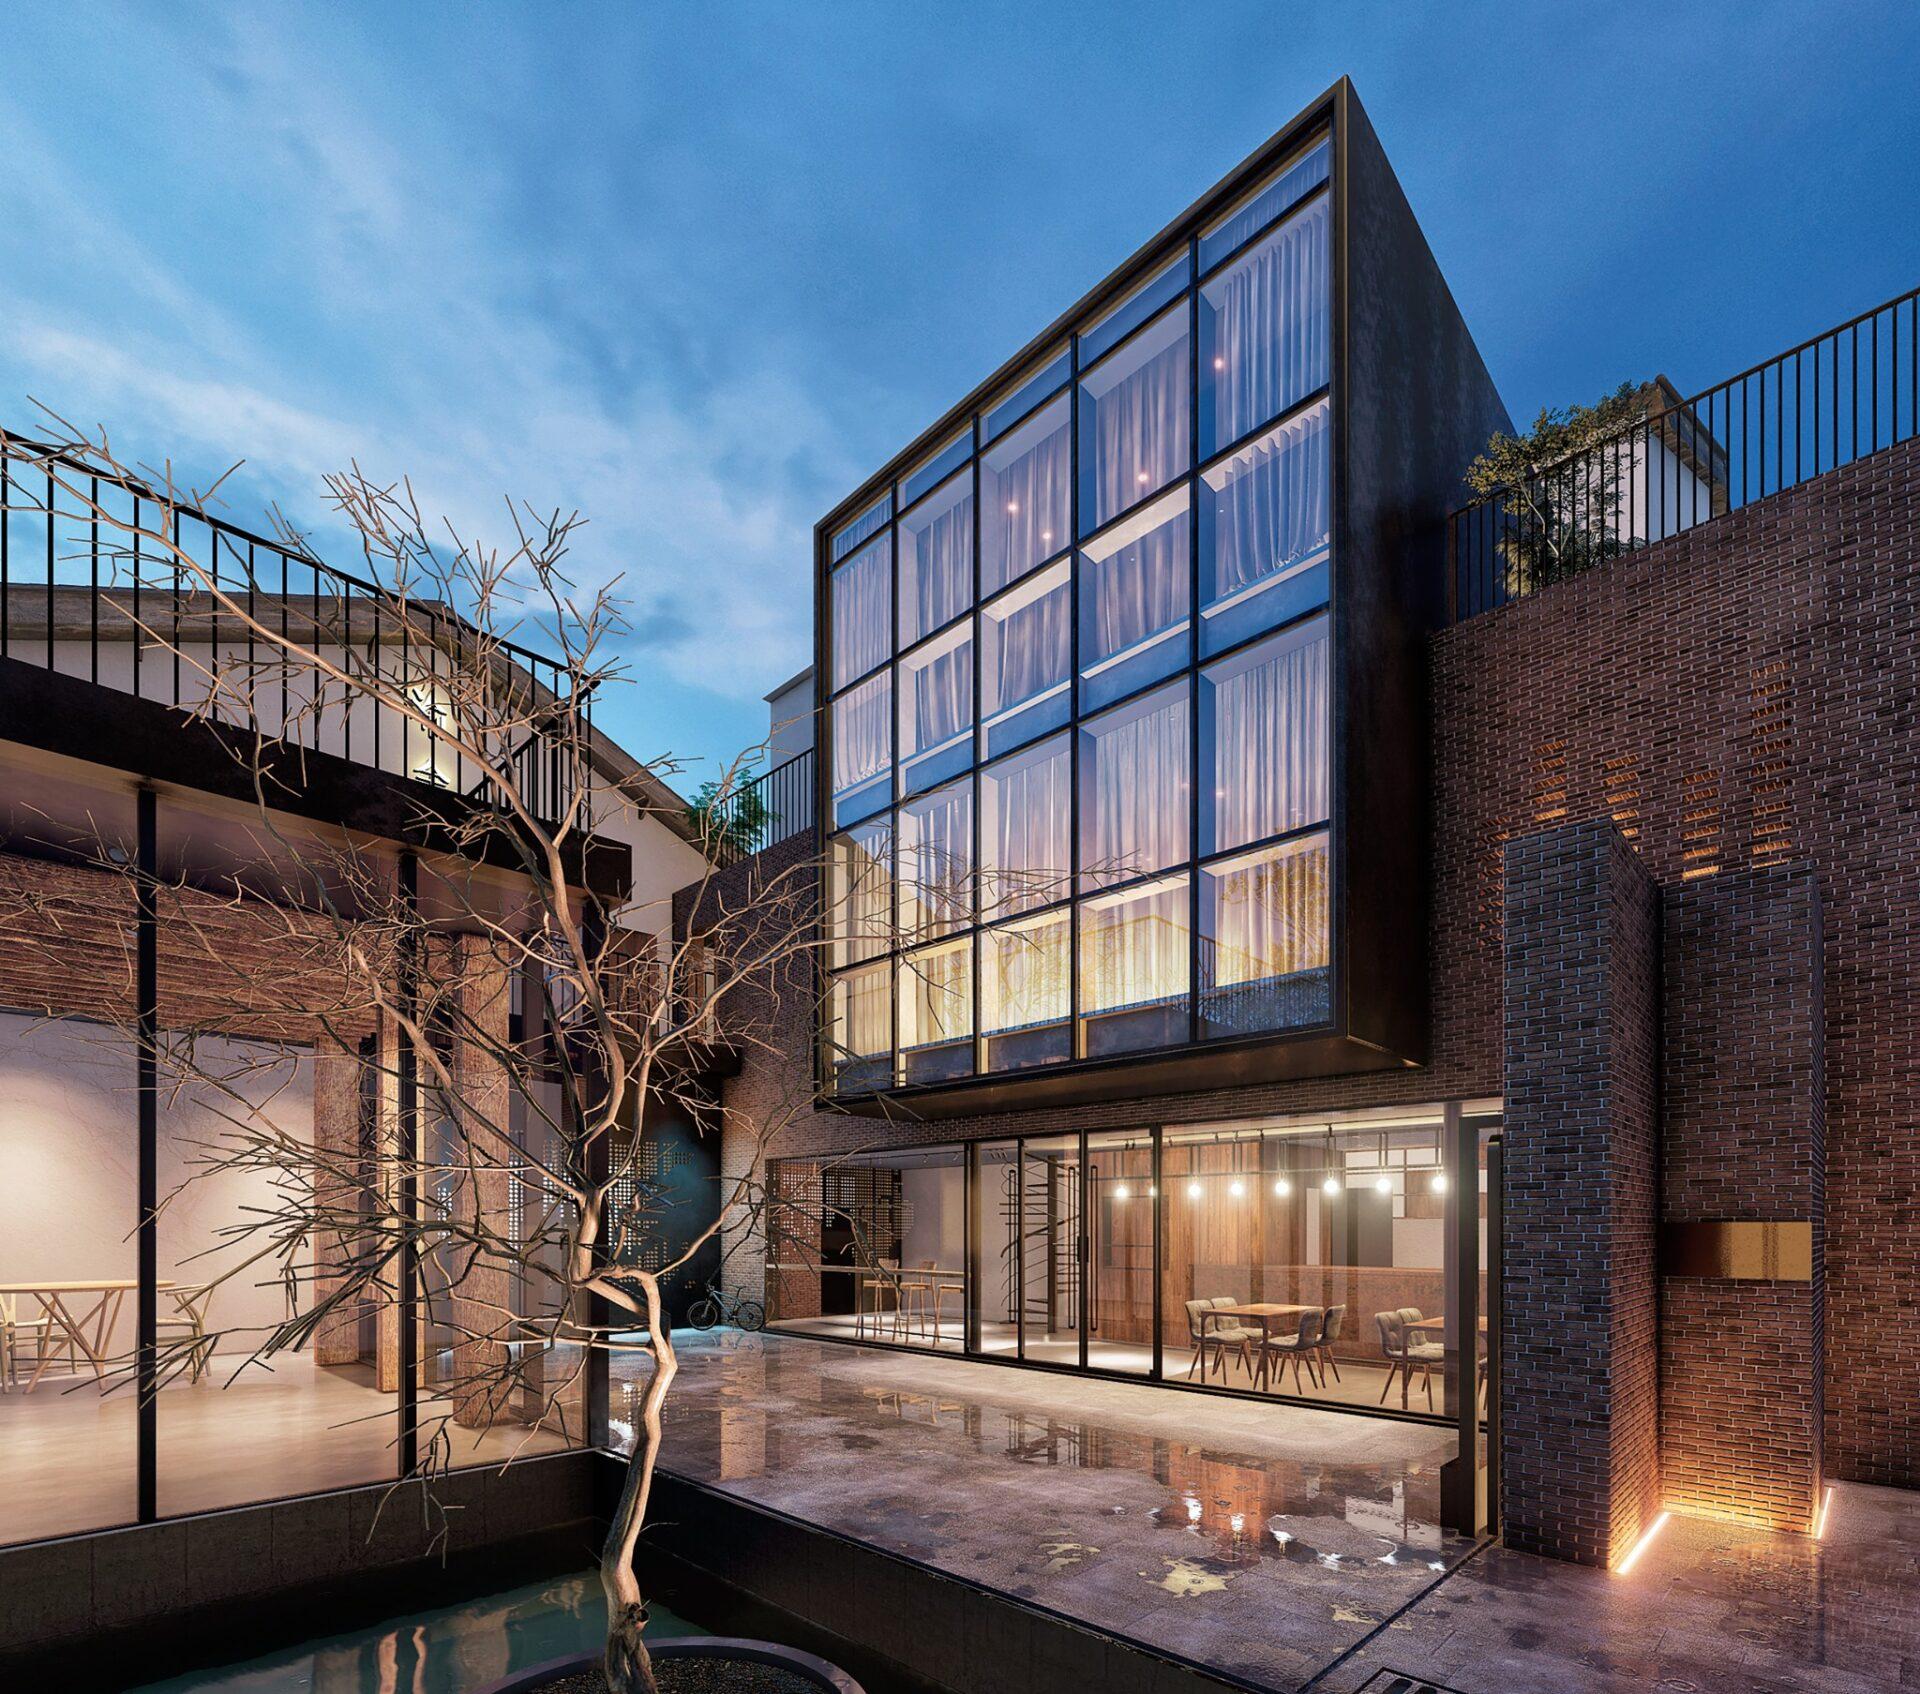 arhitektuurne 3d pilt hoone visualiseerimine 02